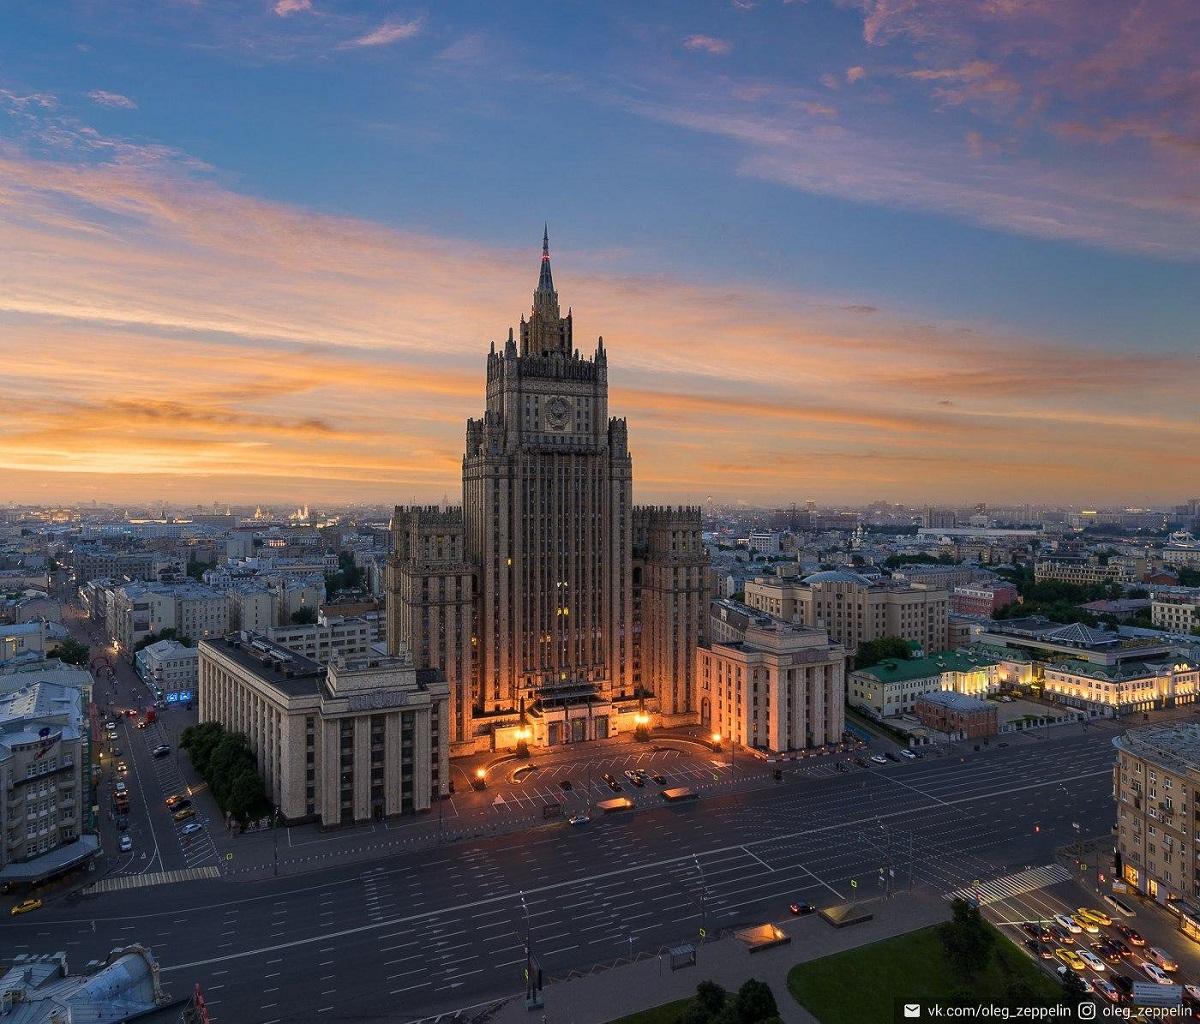 俄罗斯外交部大楼